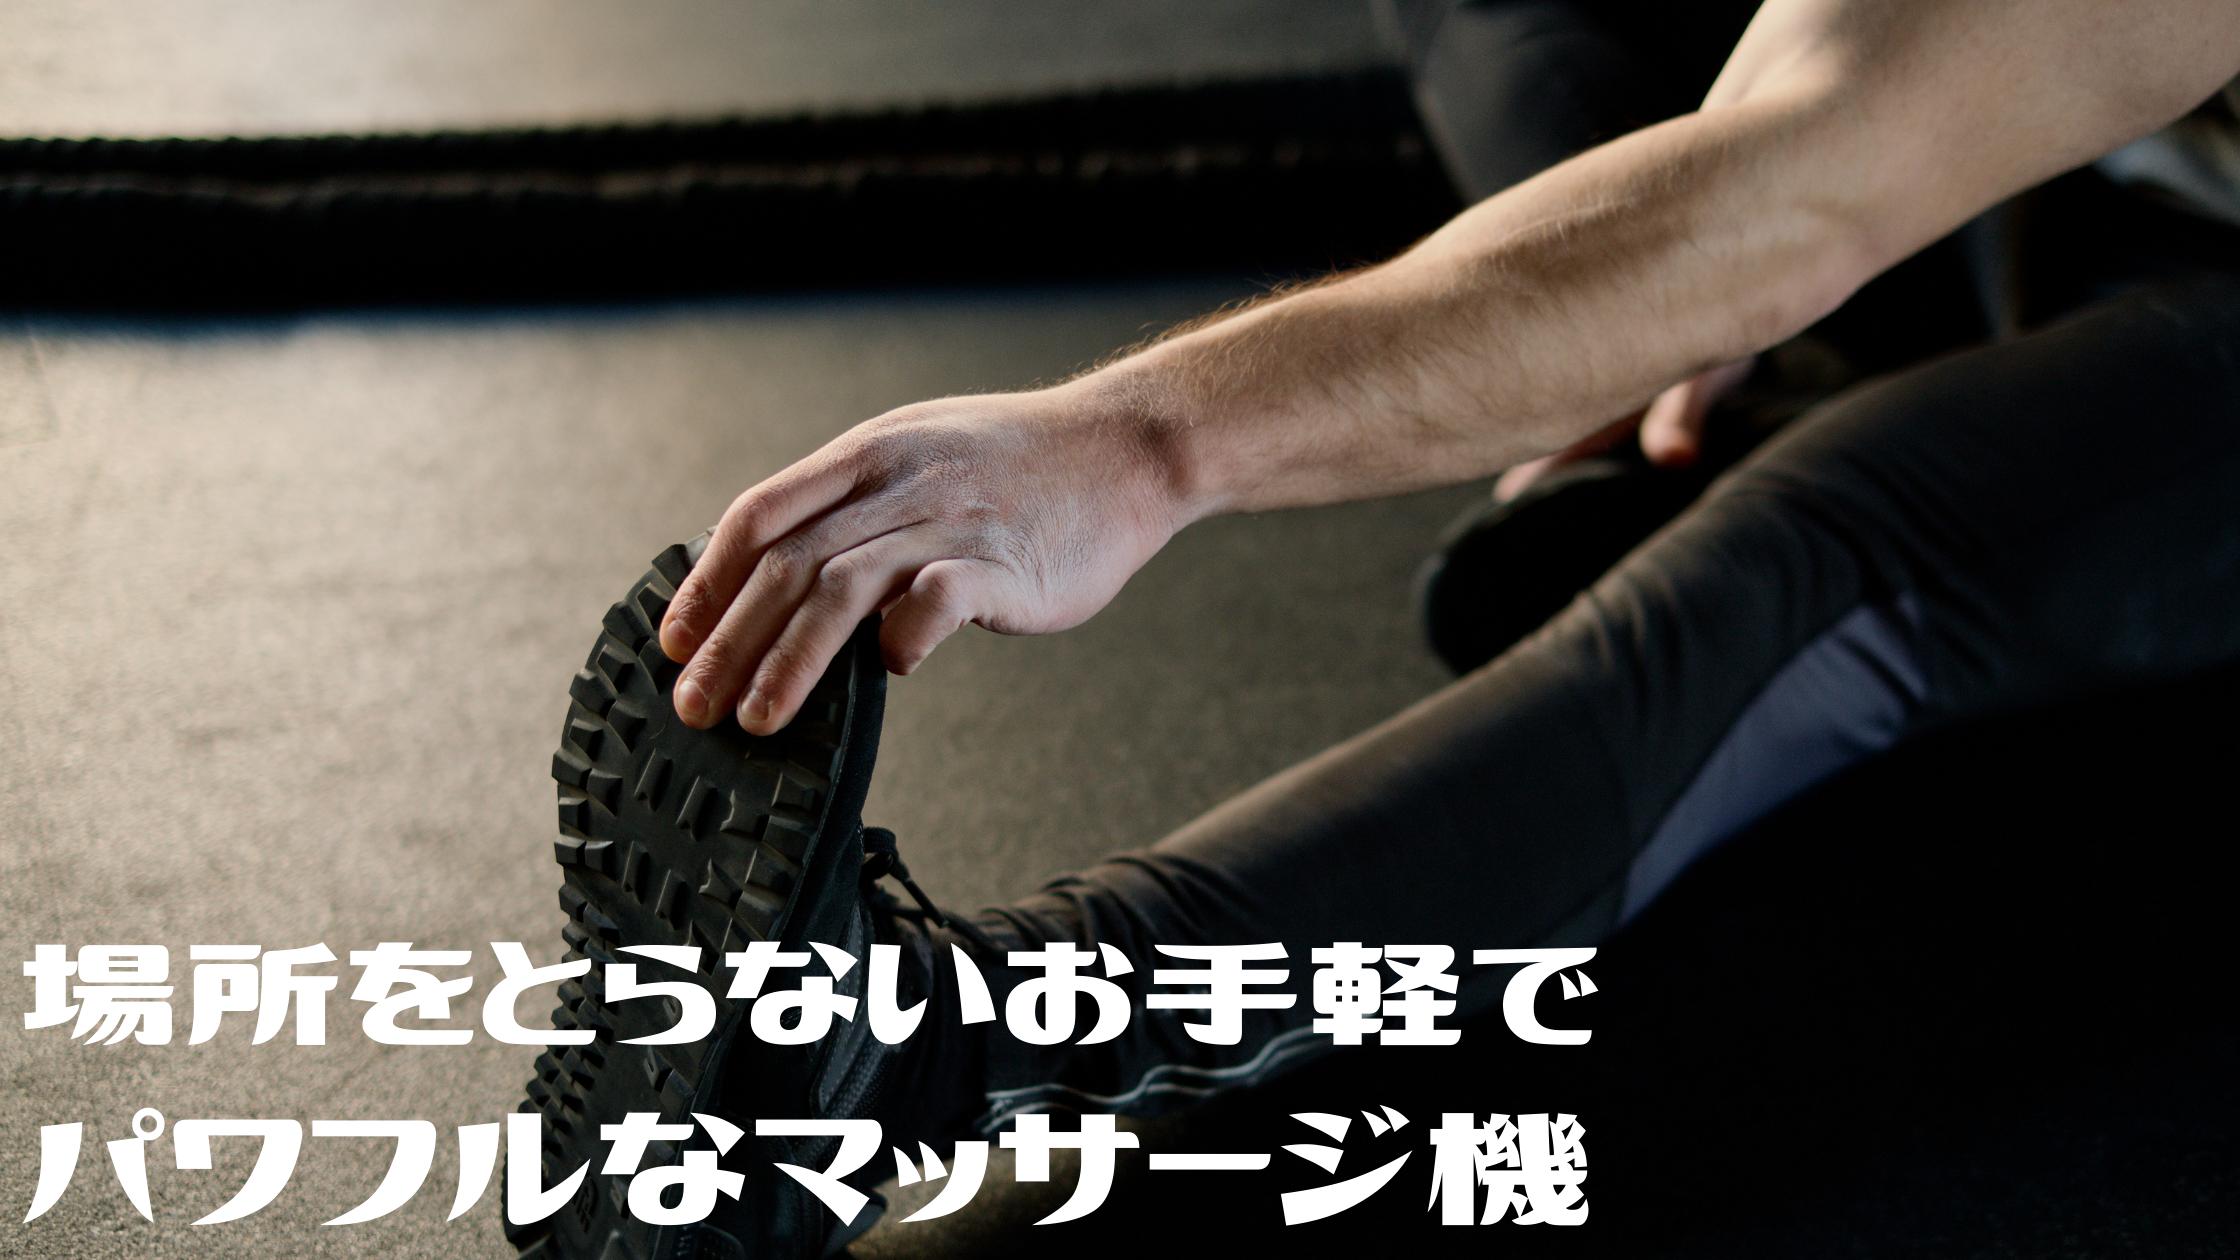 【櫻井・有吉THE夜会】持ち運び可能で【パワフルタイプなマッサージ機】を井ノ原さんにプロが伝授